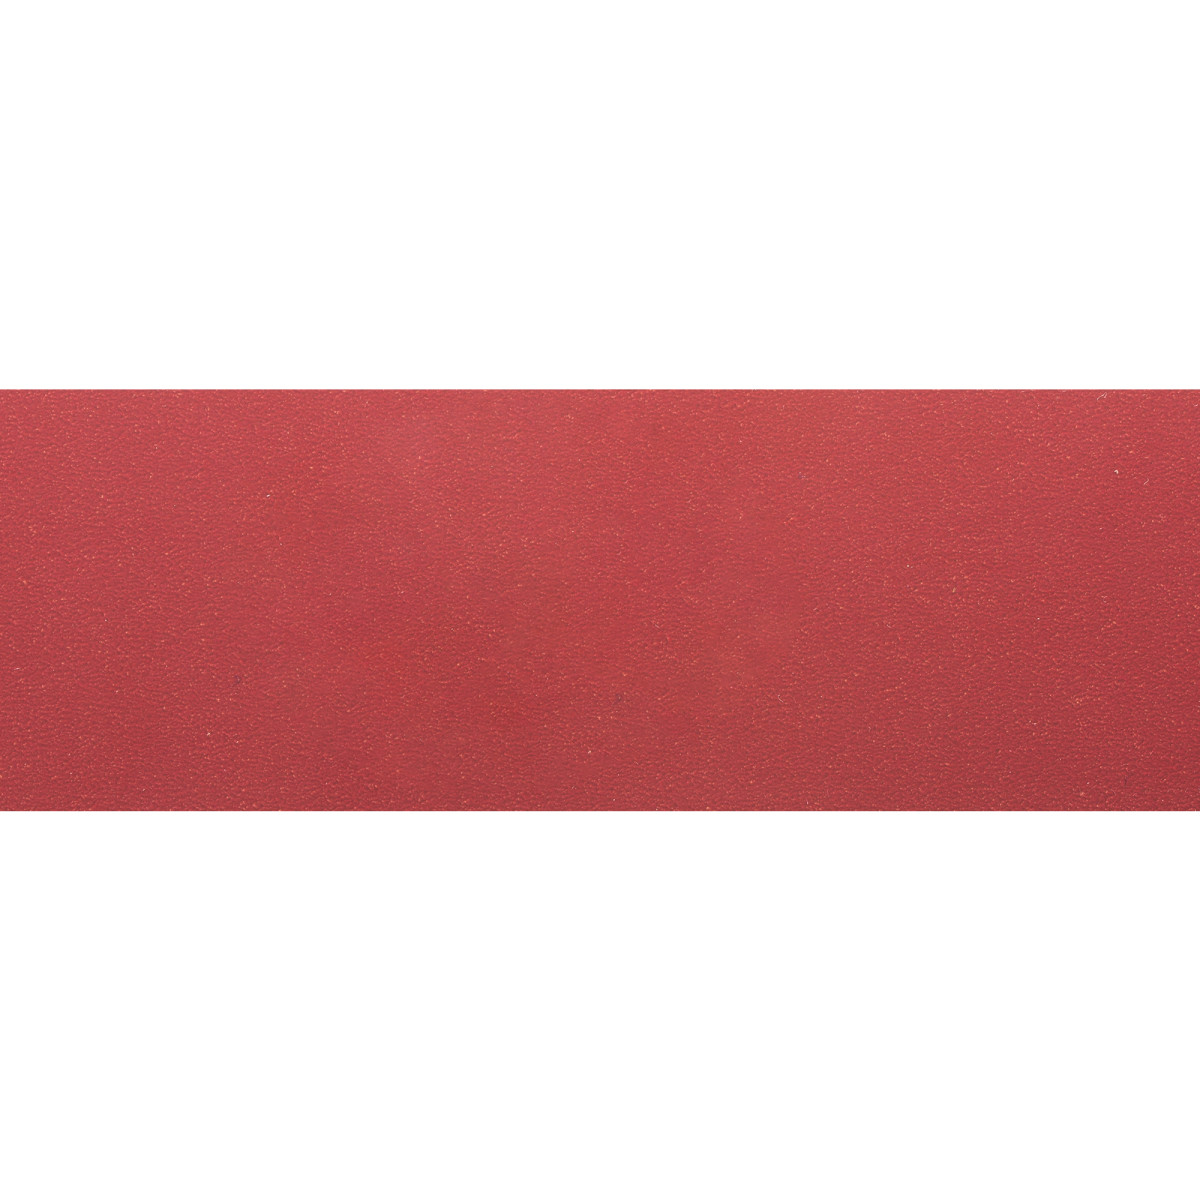 Кромка Для Плинтуса Анна 240Х32 Цвет Красный